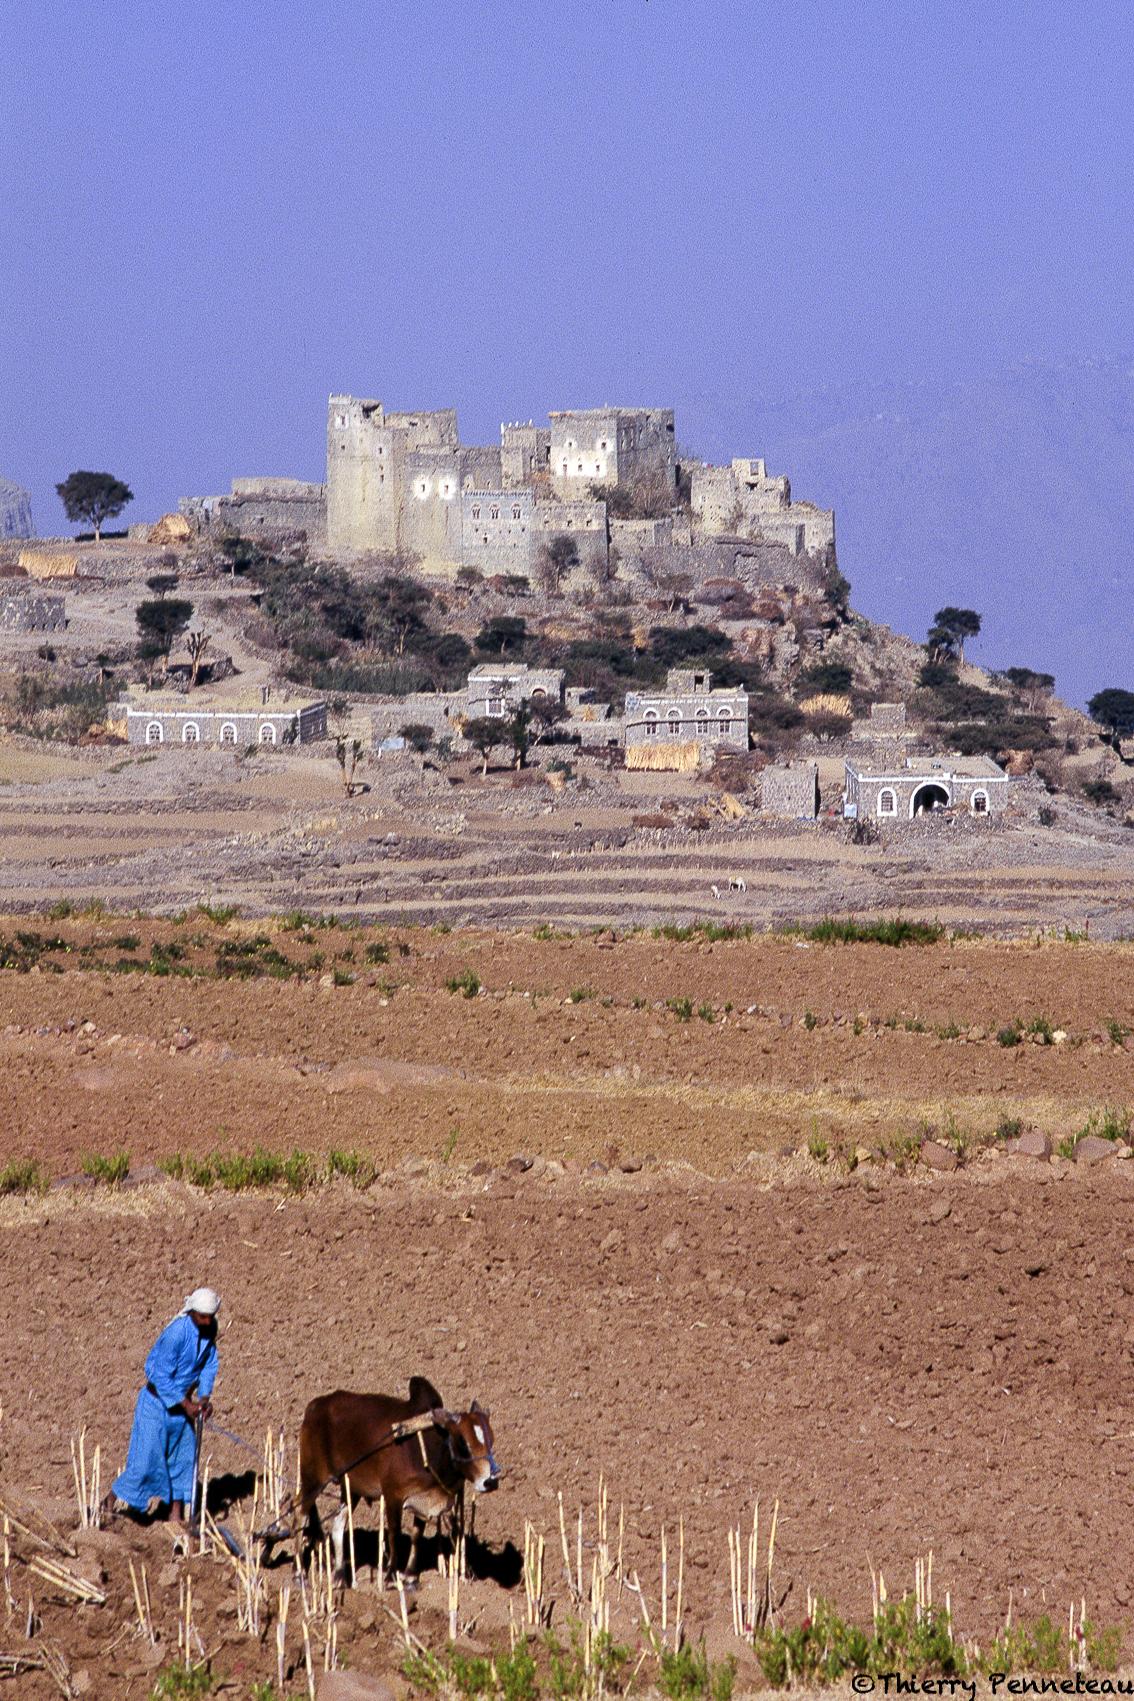 Alhajjara-paysan